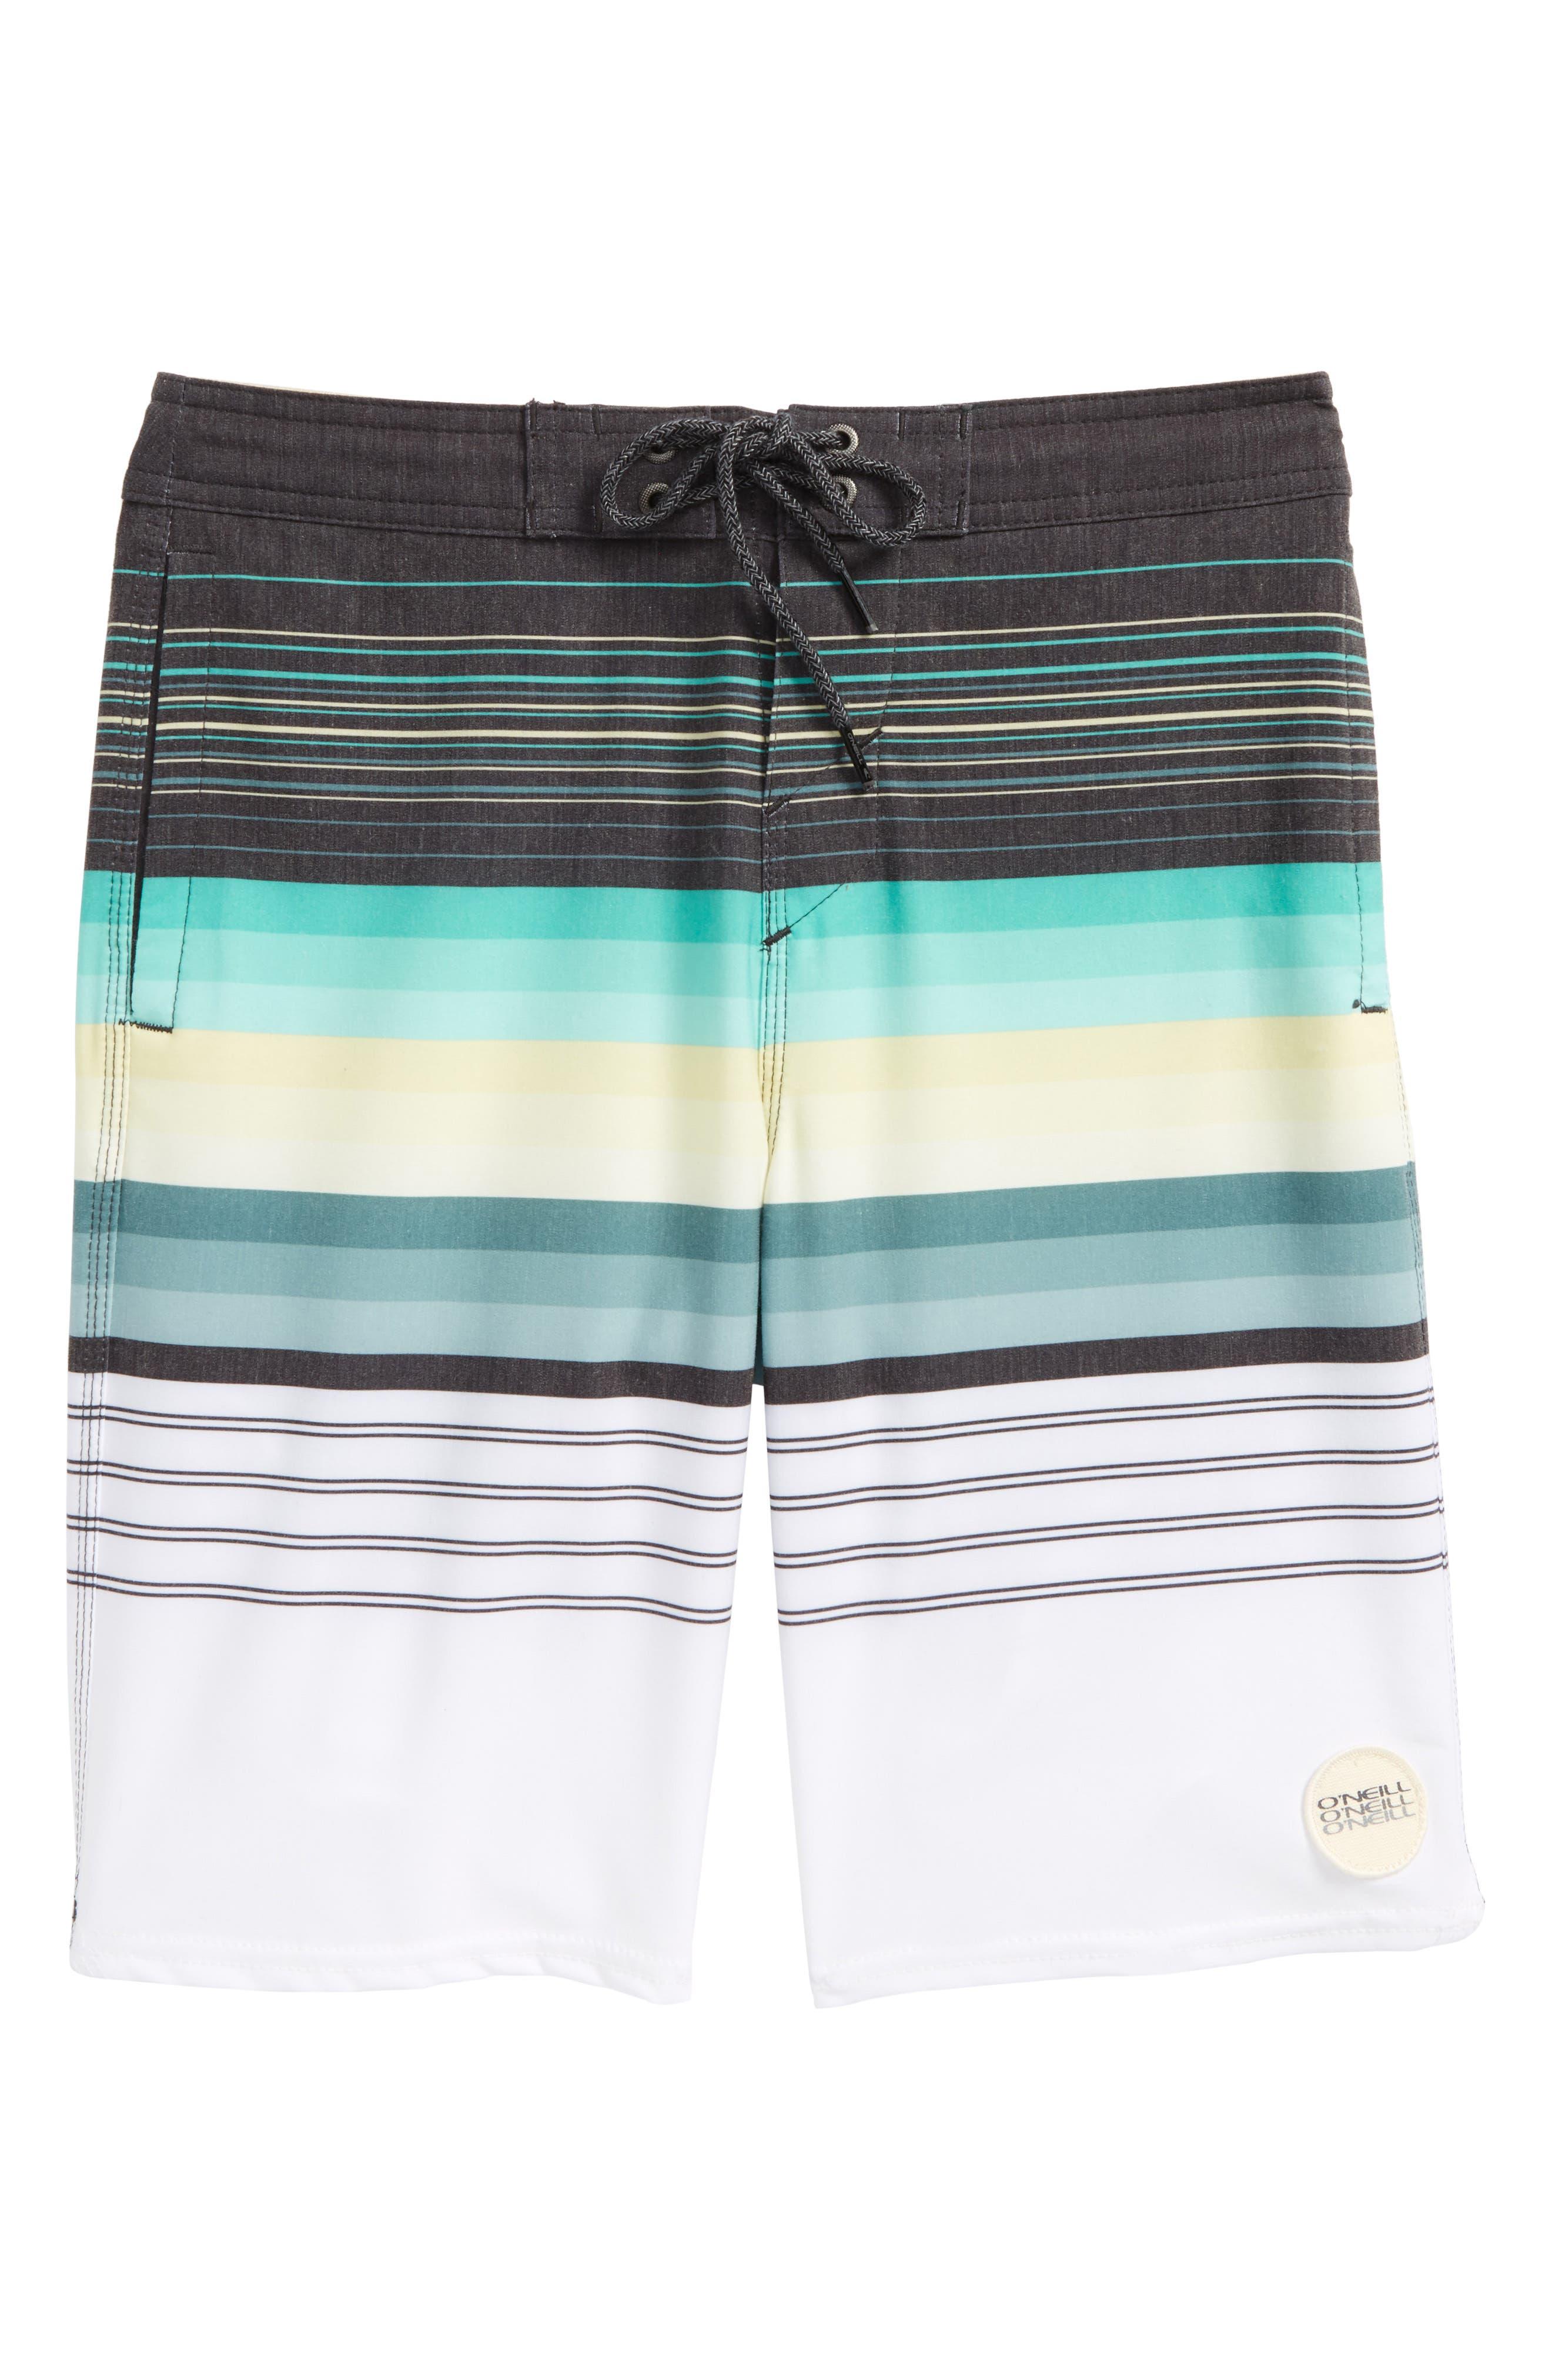 Sandbar Cruzer Board Shorts,                         Main,                         color, 001